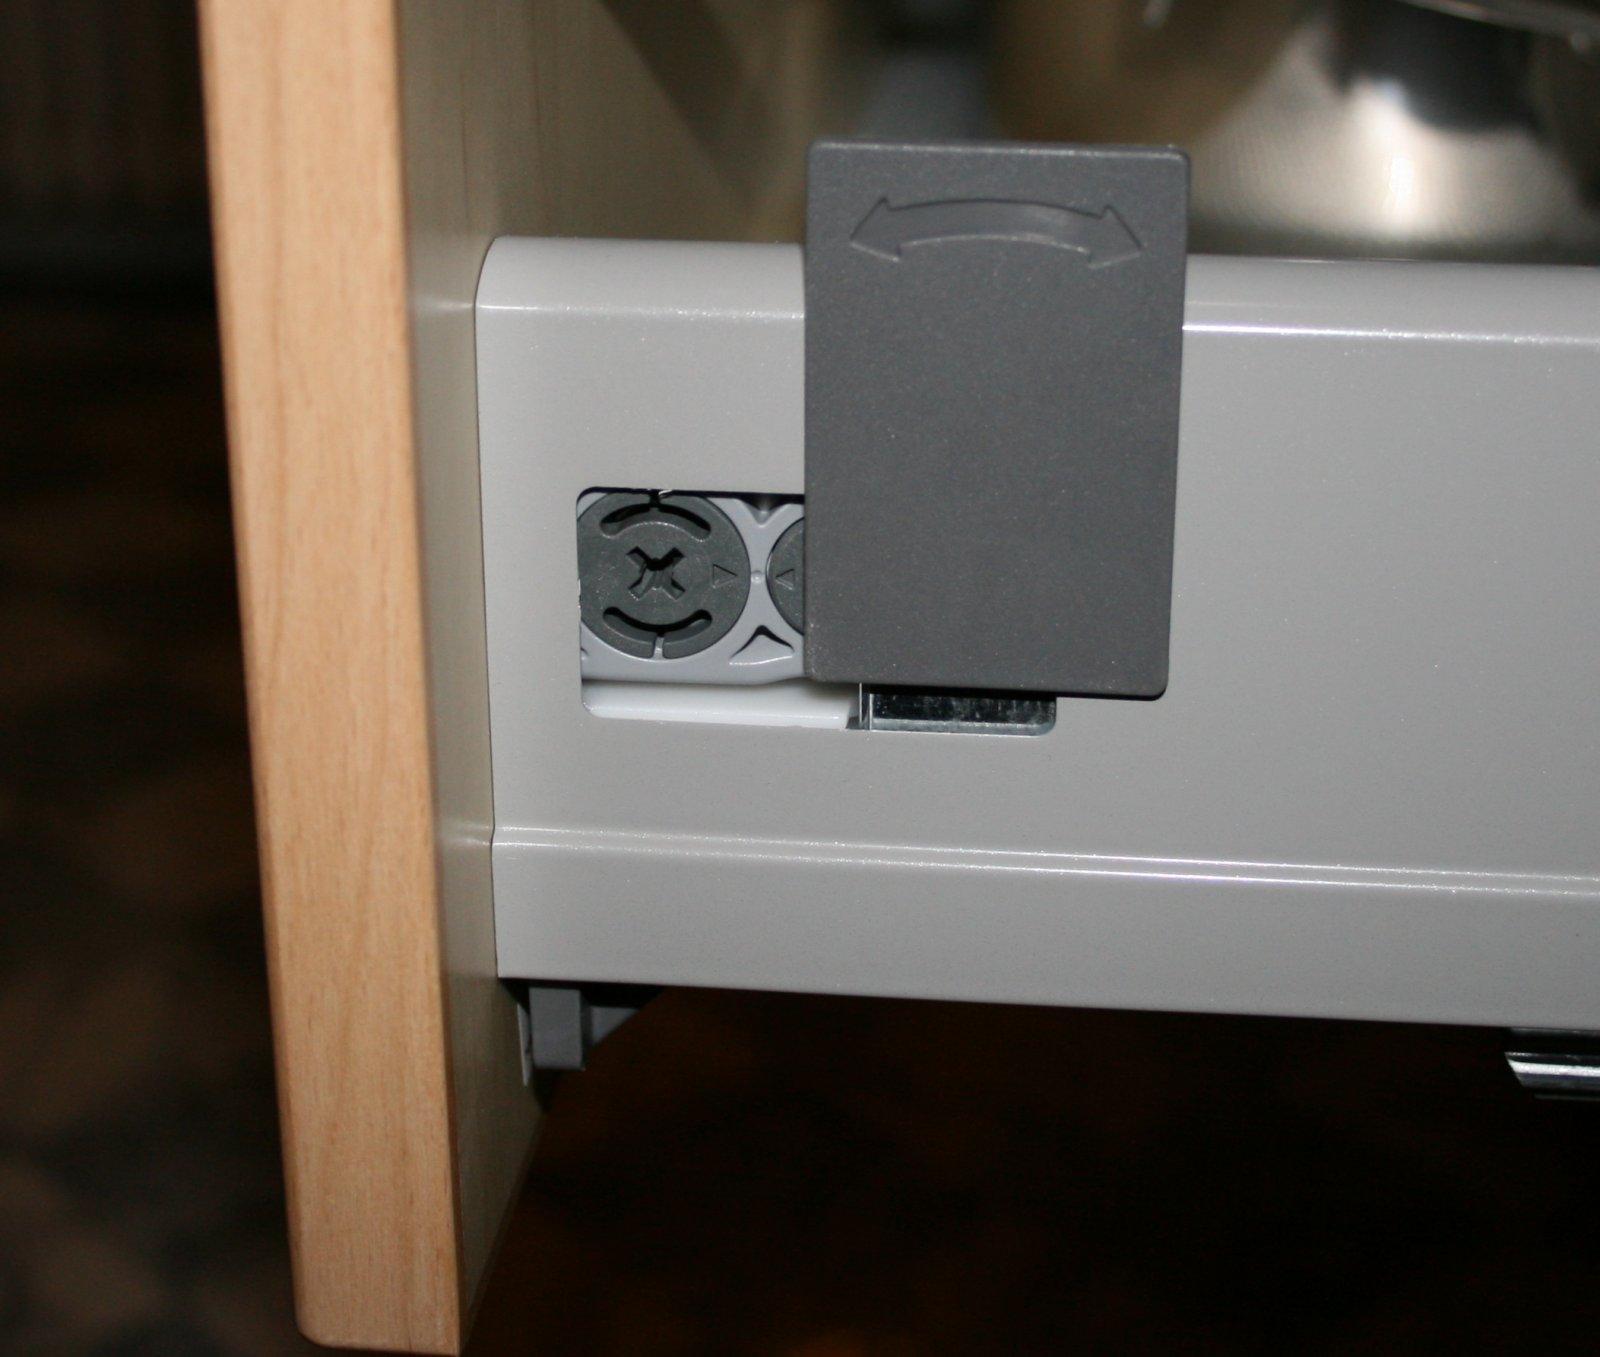 Full Size of Ikea Rationell Schubladen Ausbauen Schlitzflitzer Modulküche Betten Bei 160x200 Küche Kosten Miniküche Sofa Mit Schlaffunktion Kaufen Wohnzimmer Küchenschrank Ikea